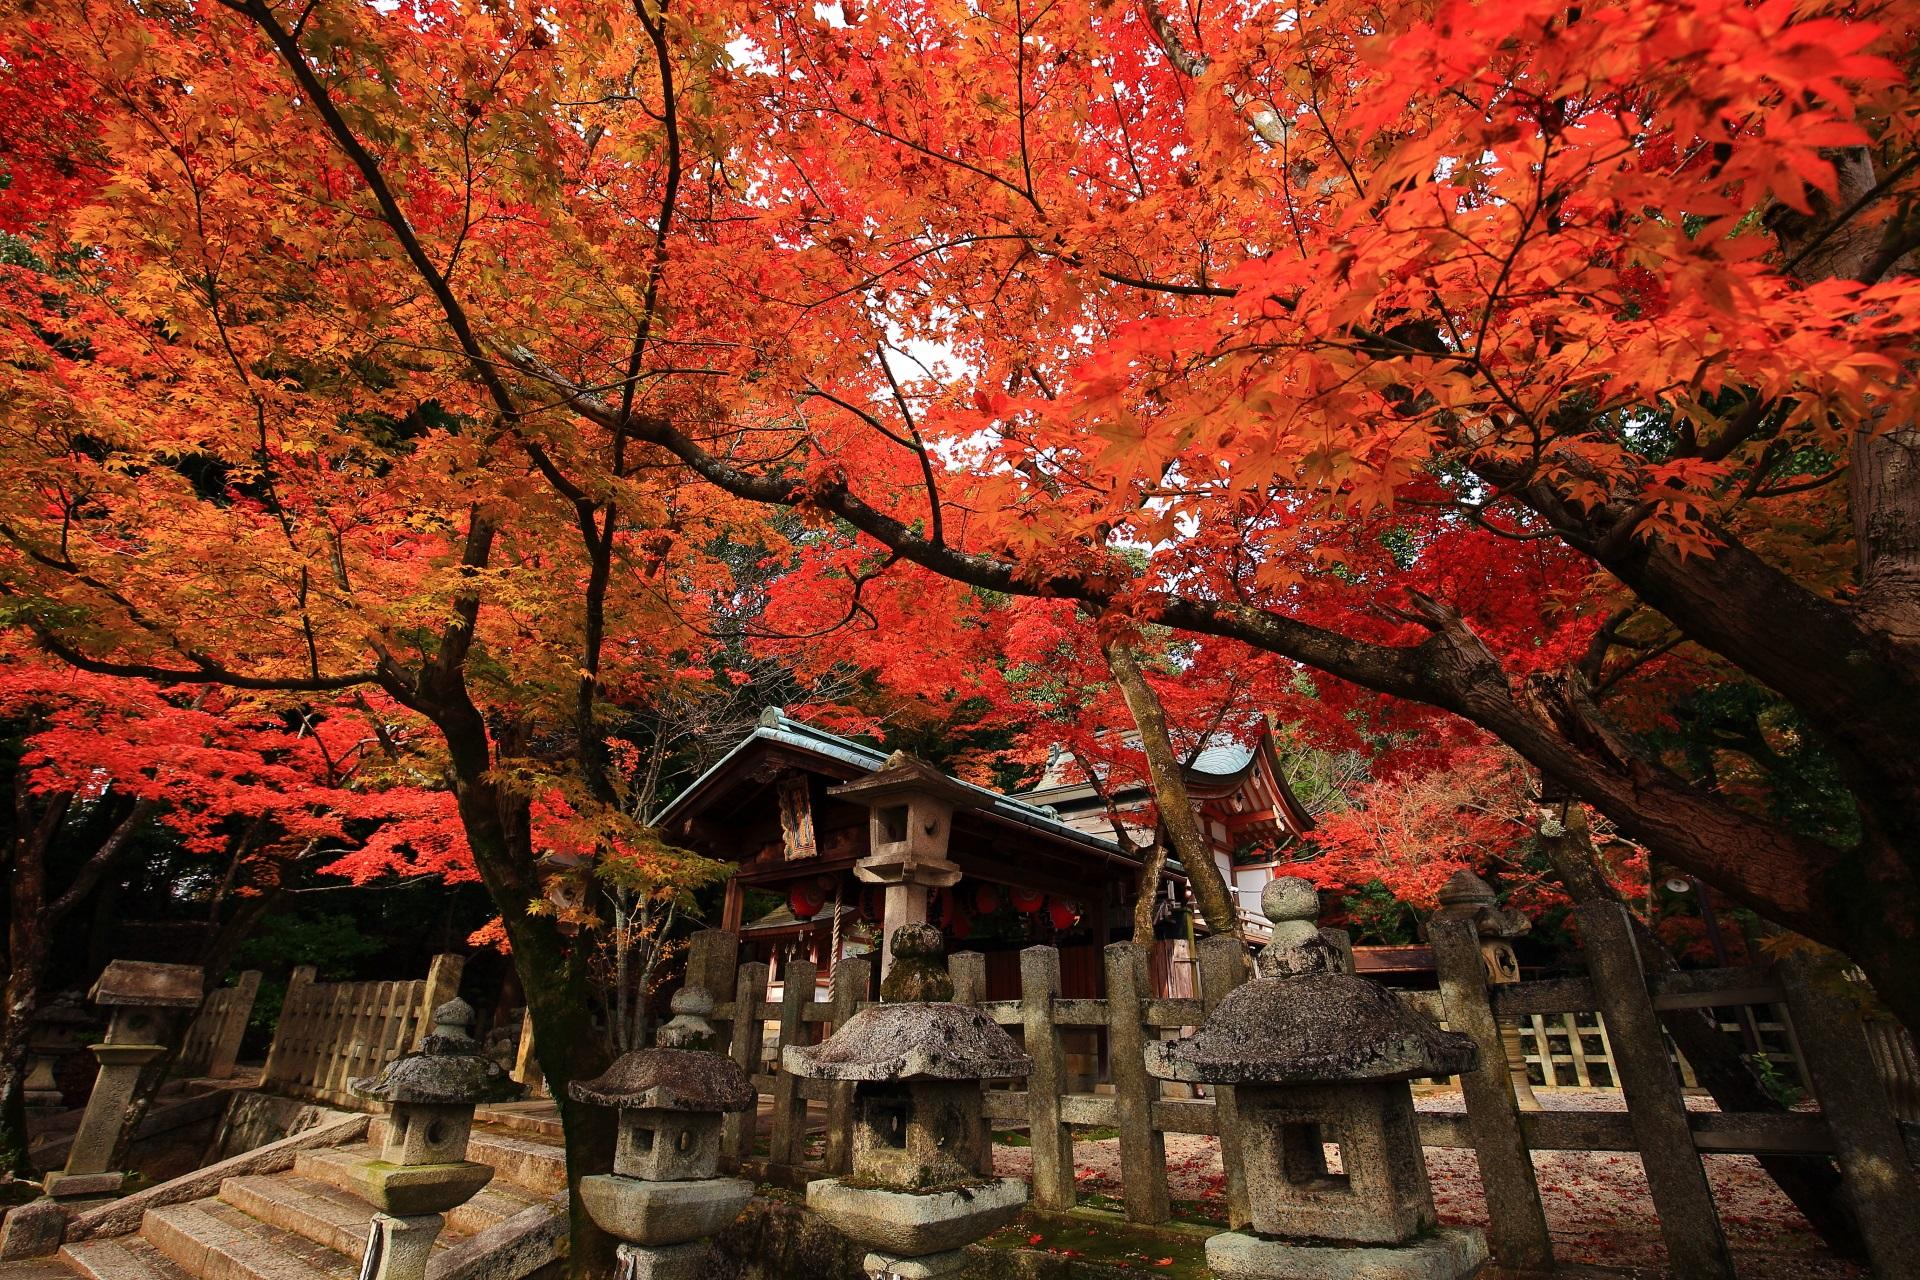 秋色につつまれる本殿や建ち並ぶ燈籠